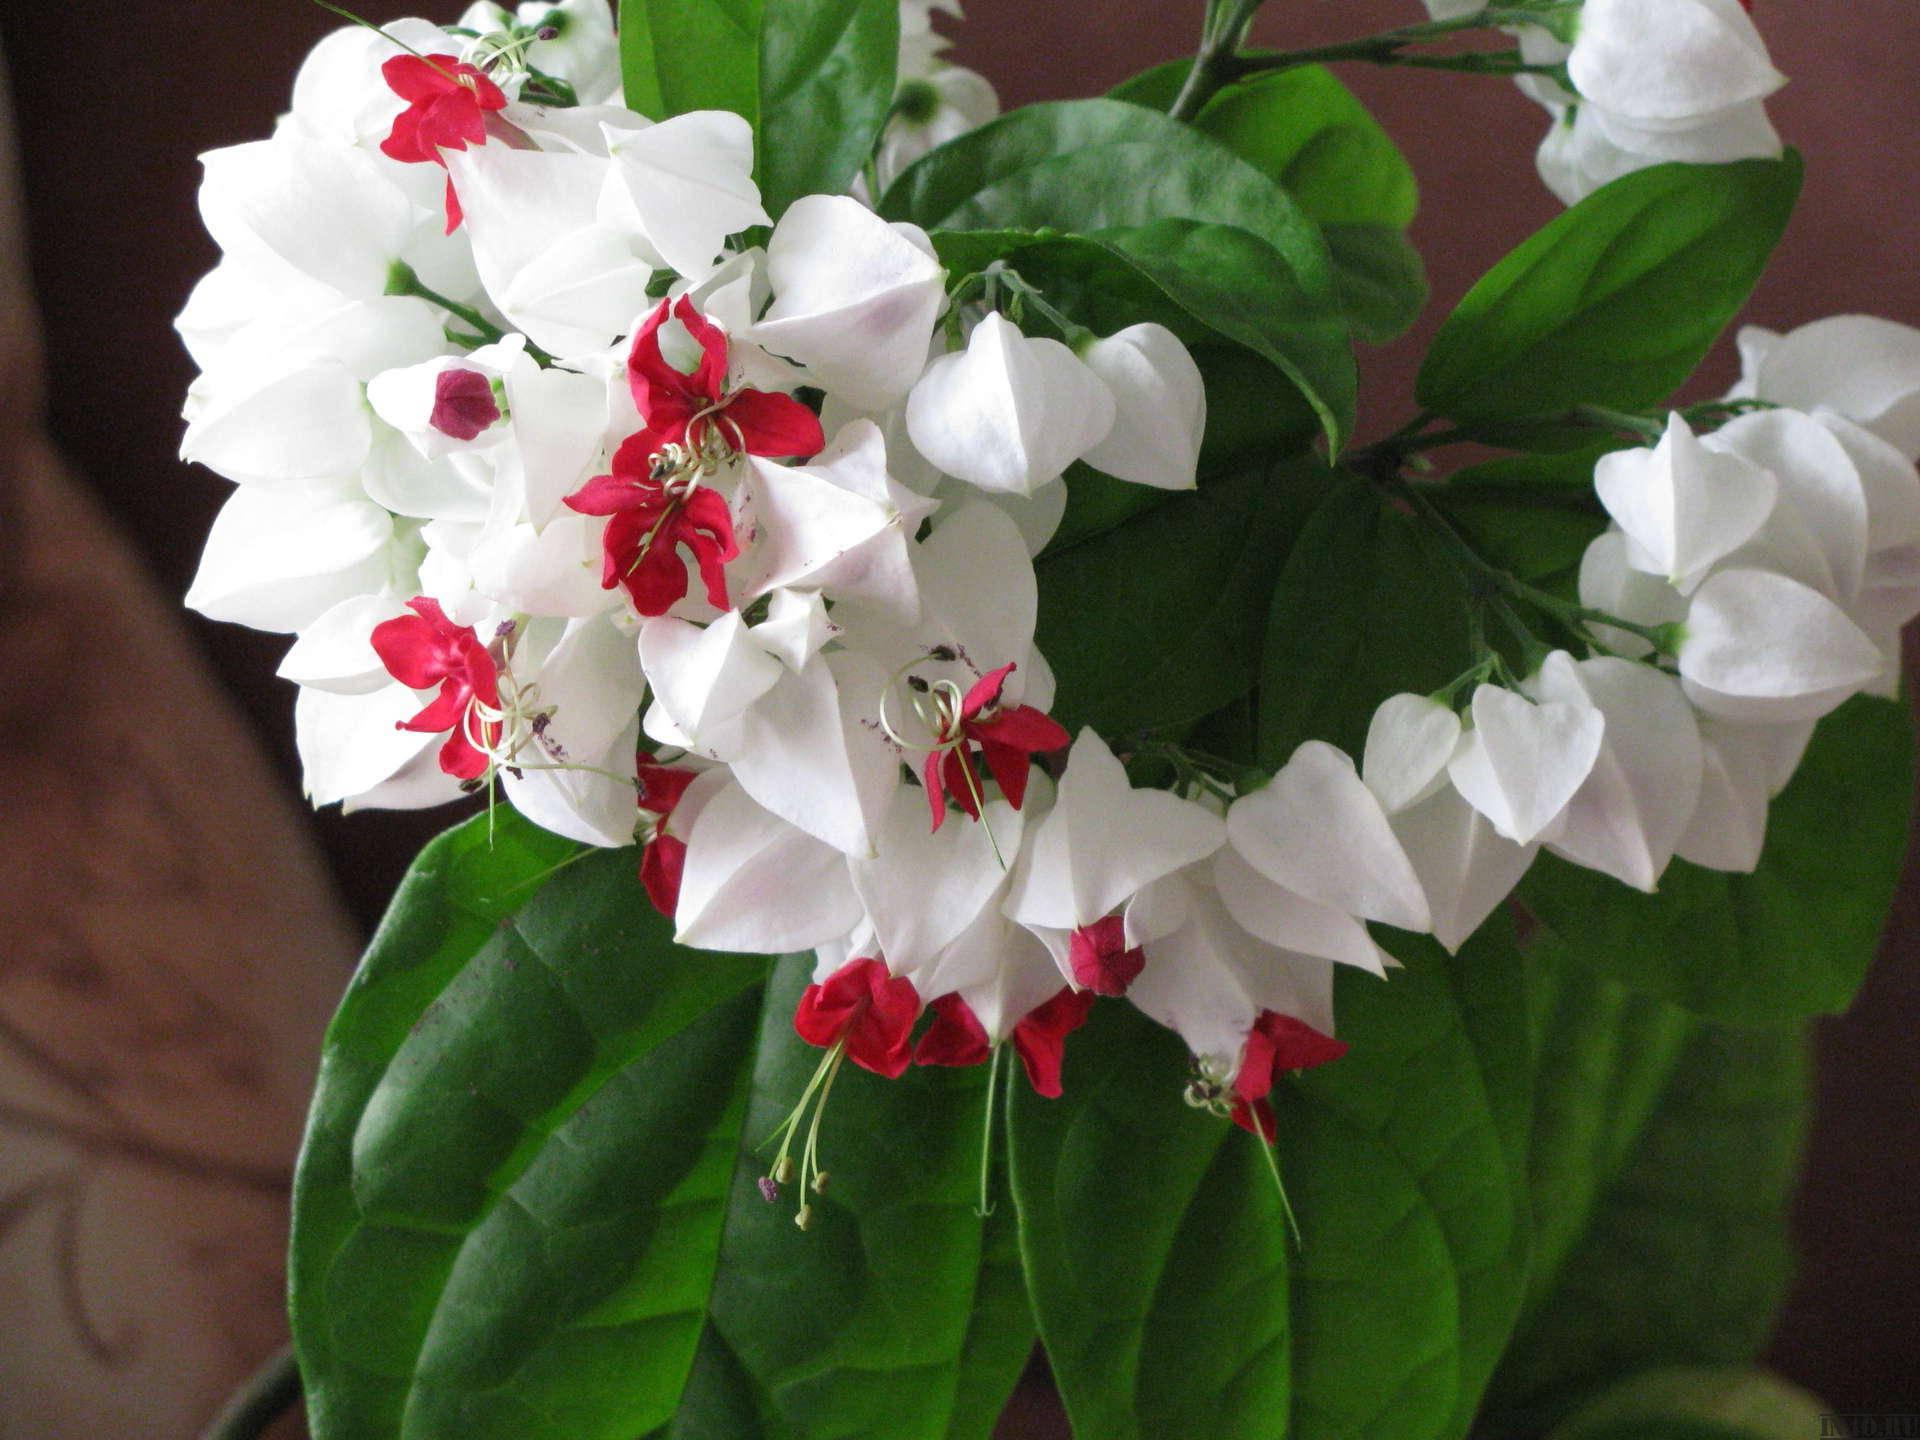 Комнатные растения с белыми цветами, фото домашних цветков белого цвета 30